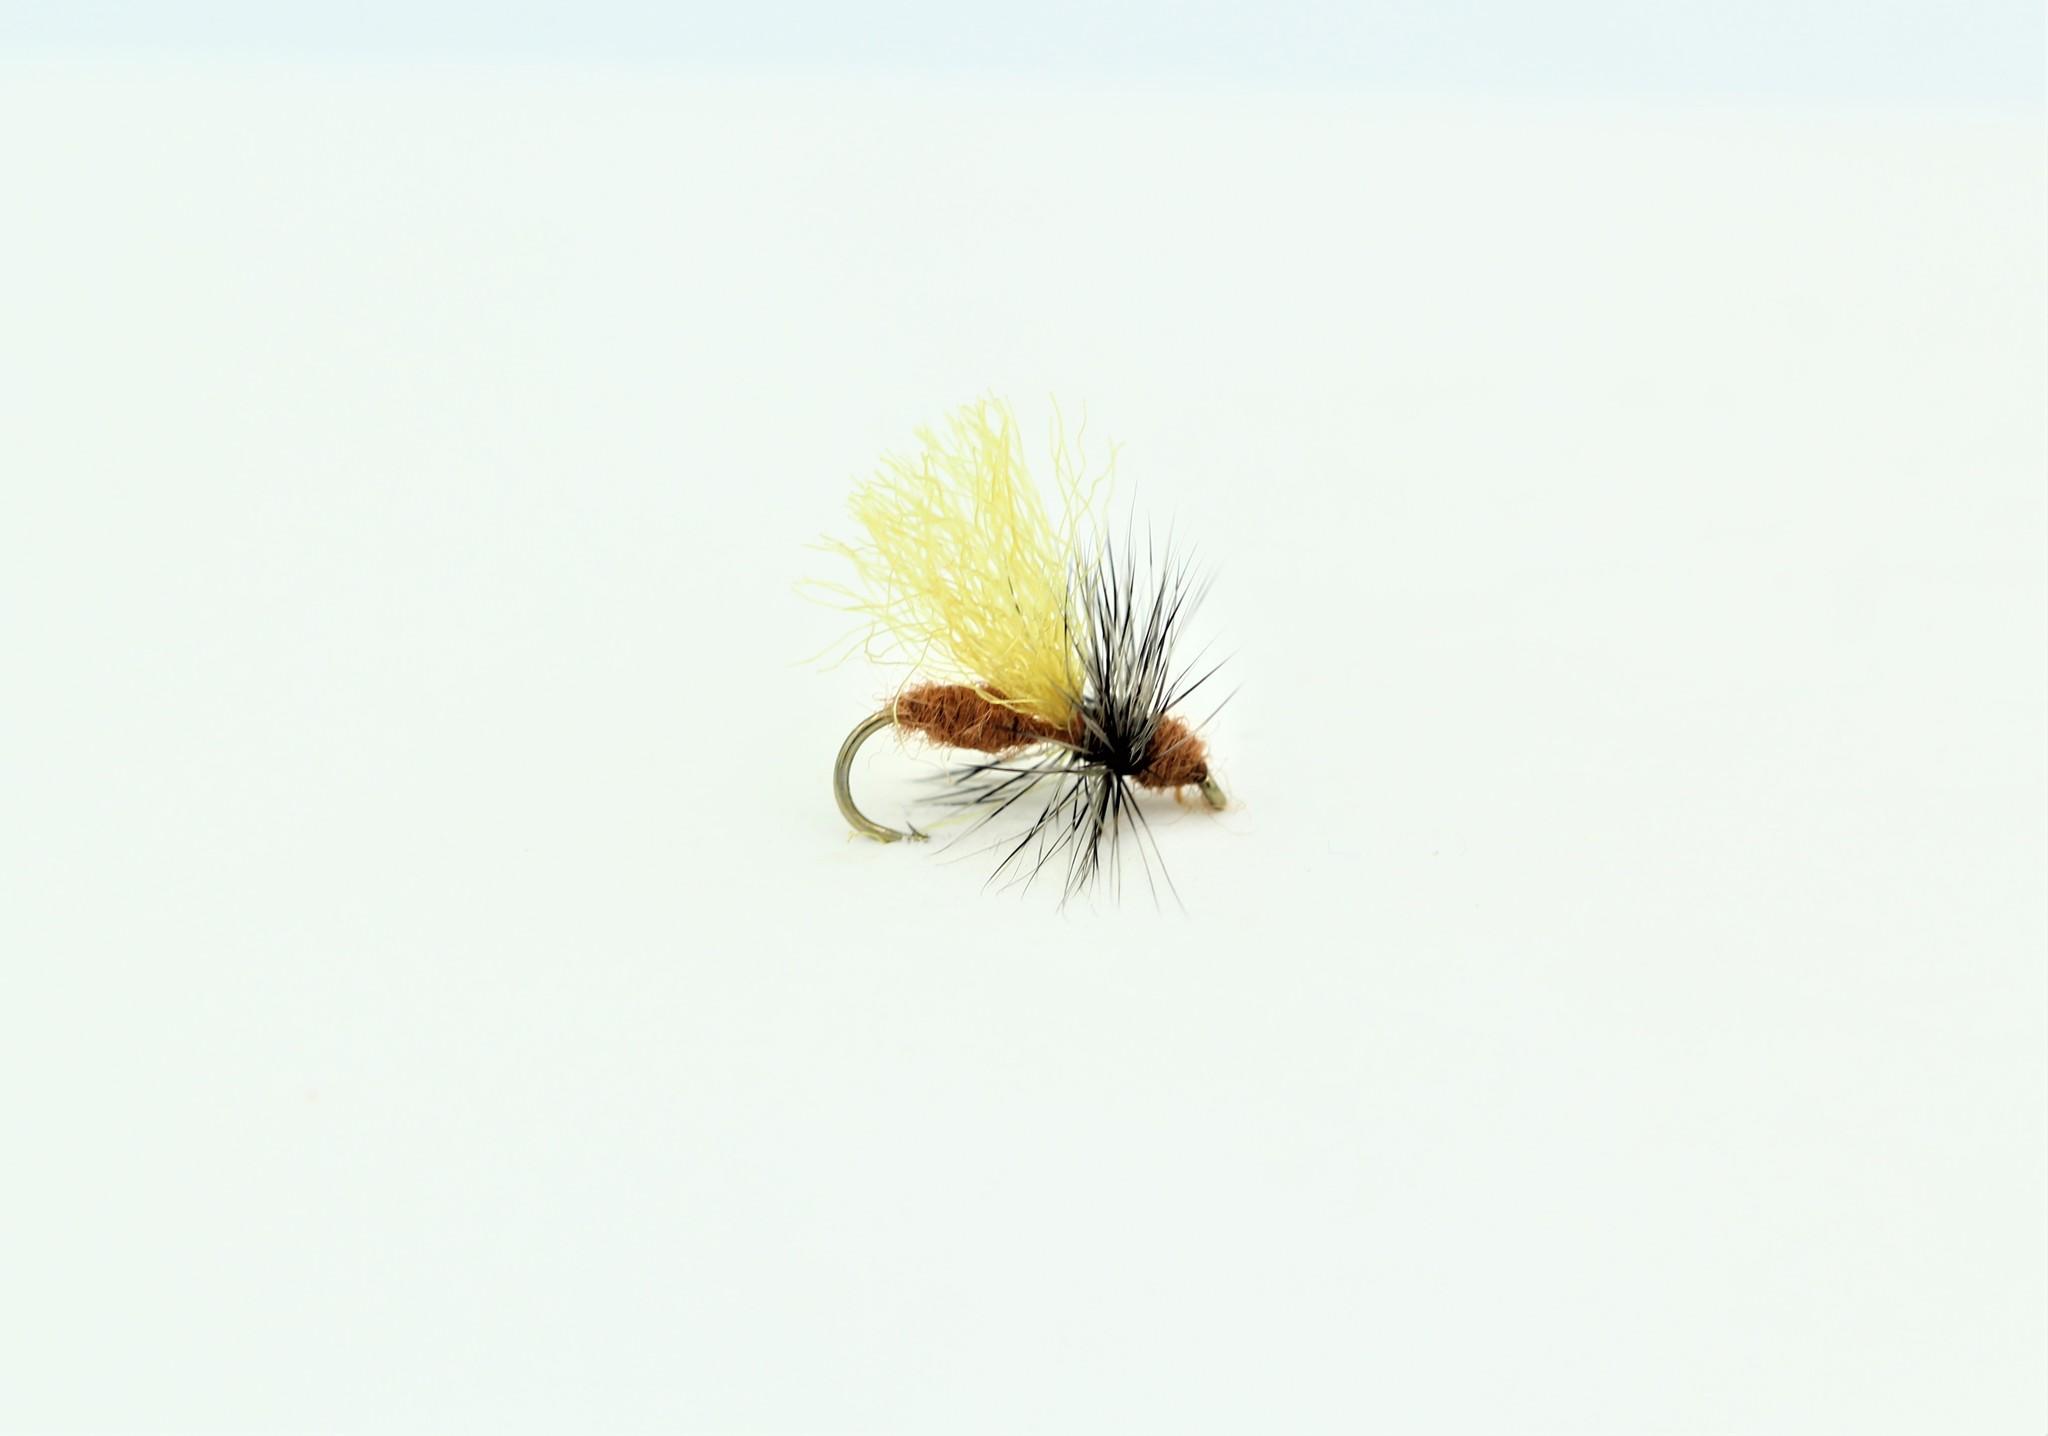 CINNAMON FLYING ANT